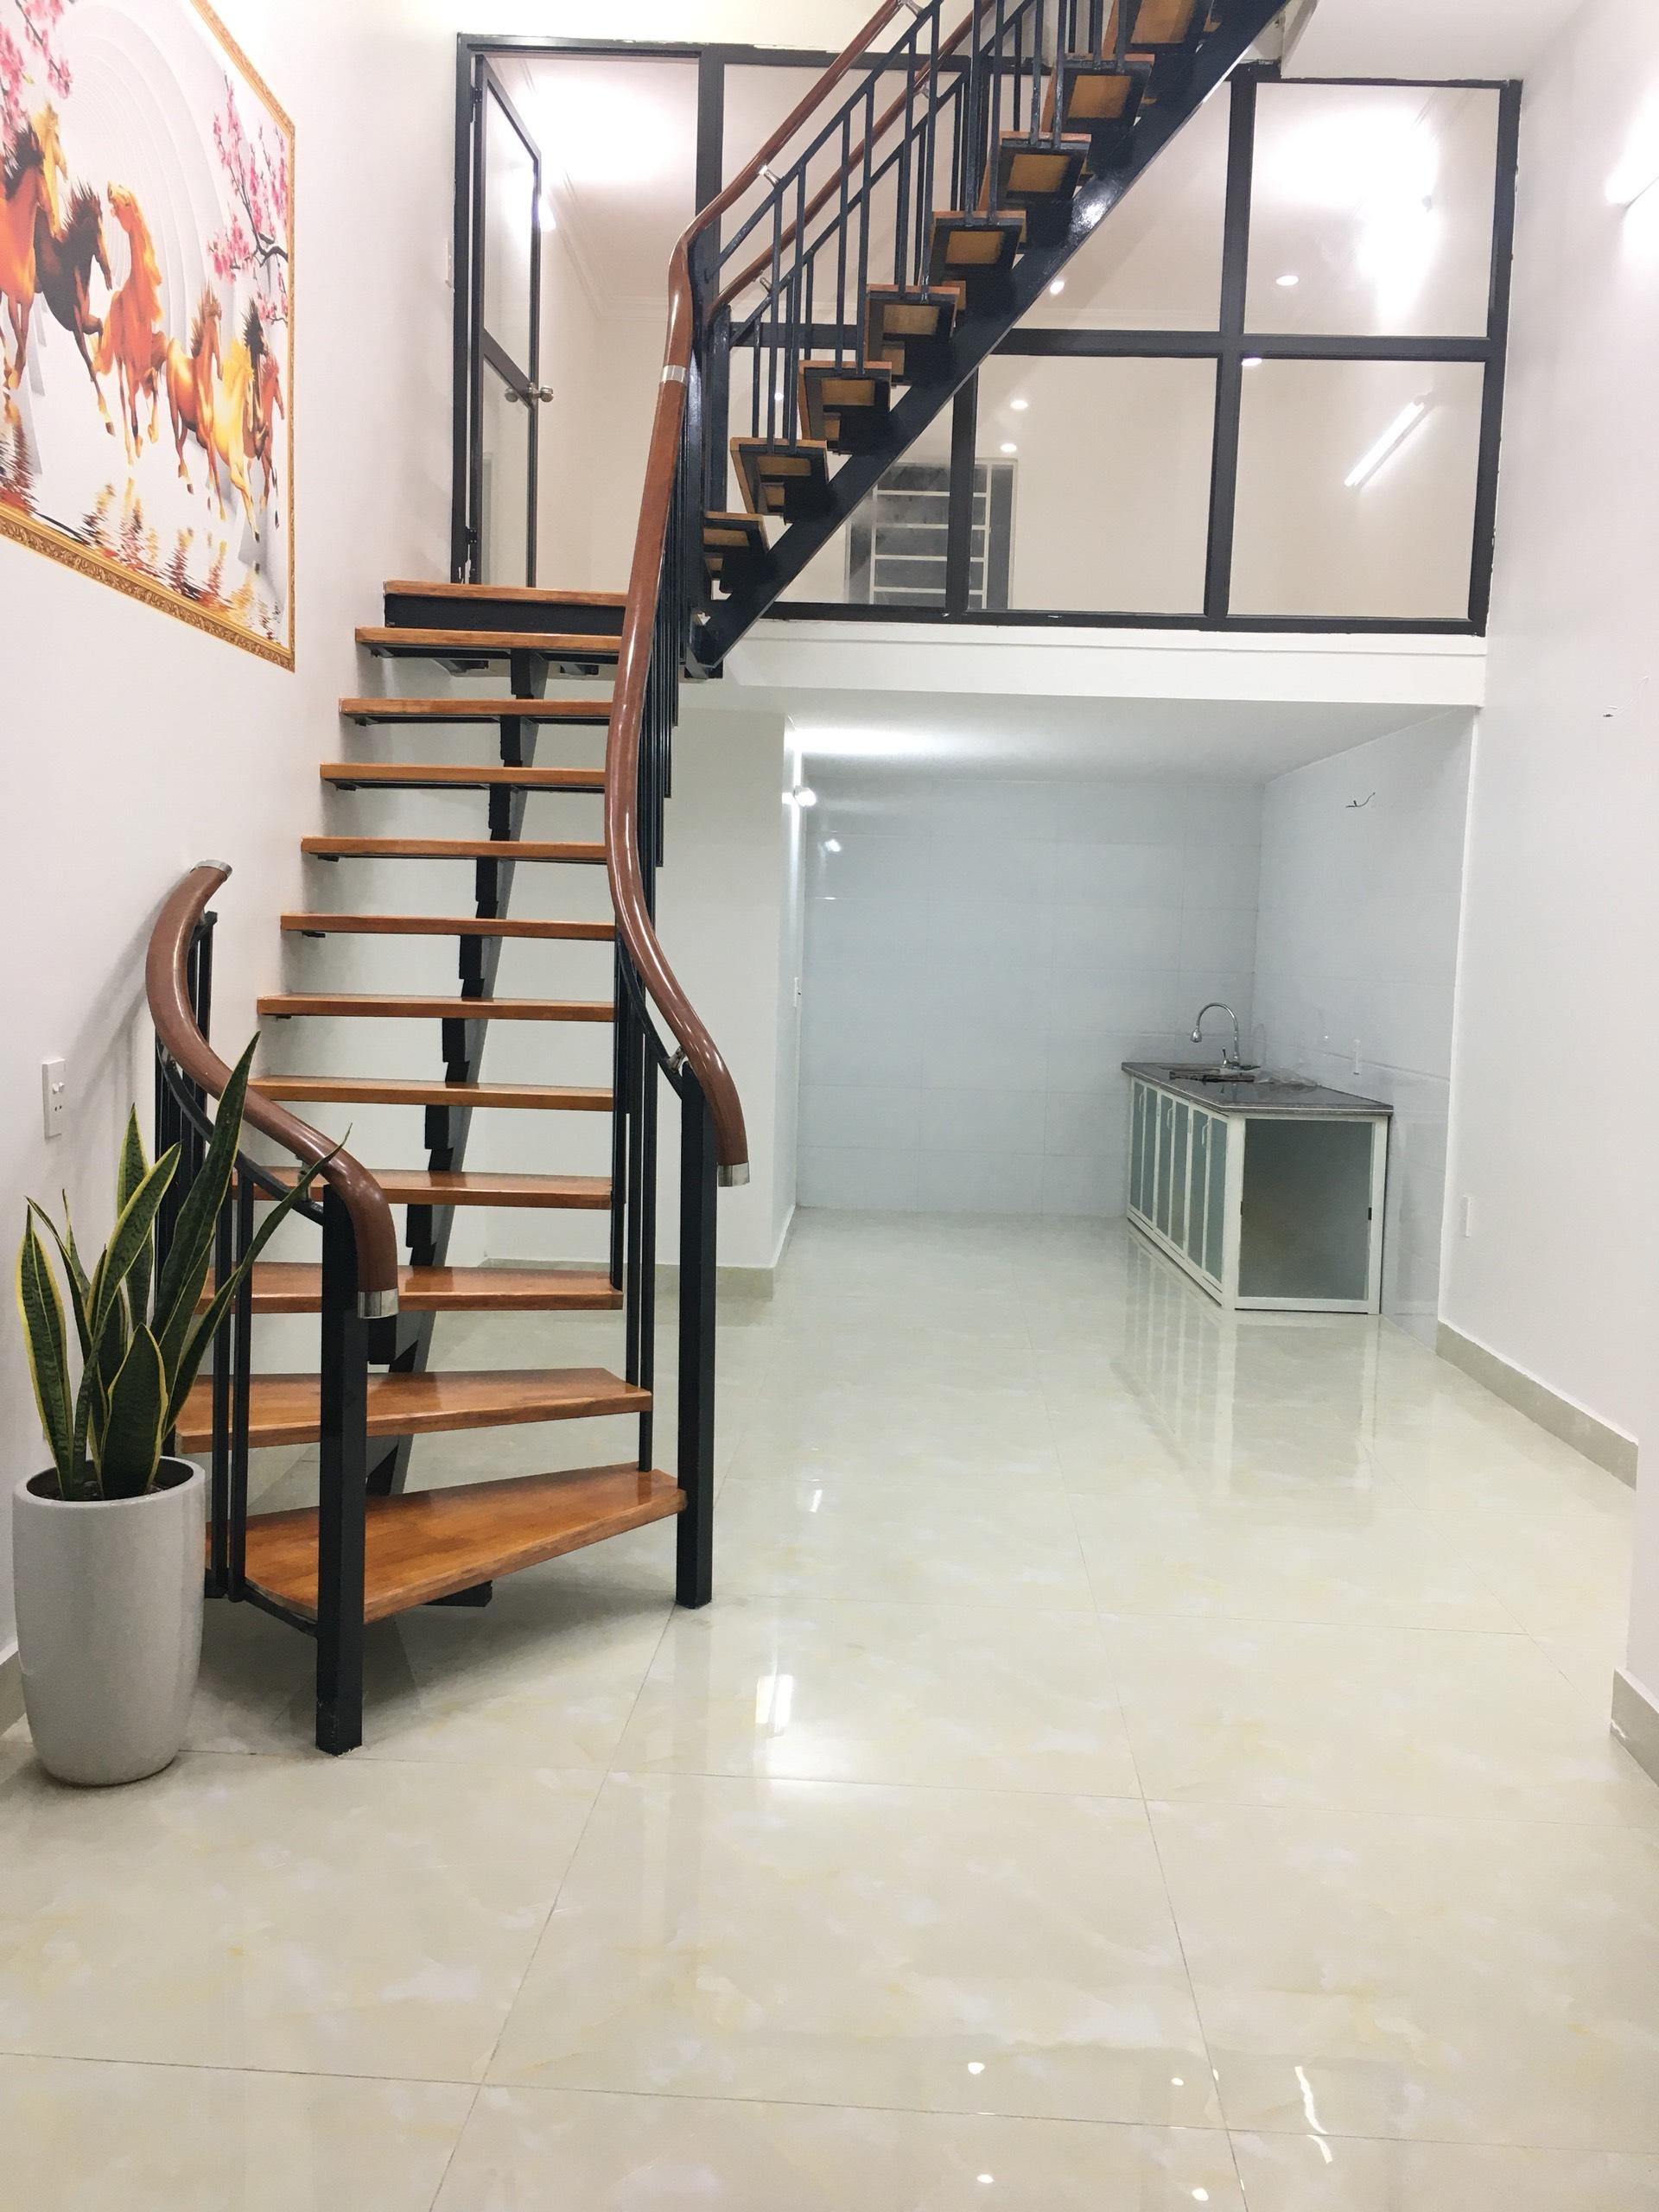 Cần bán gấp nhà 2.5 tầng độc lập mặt ngõ đường Tô Hiệu, Lê Chân, Hải Phòng